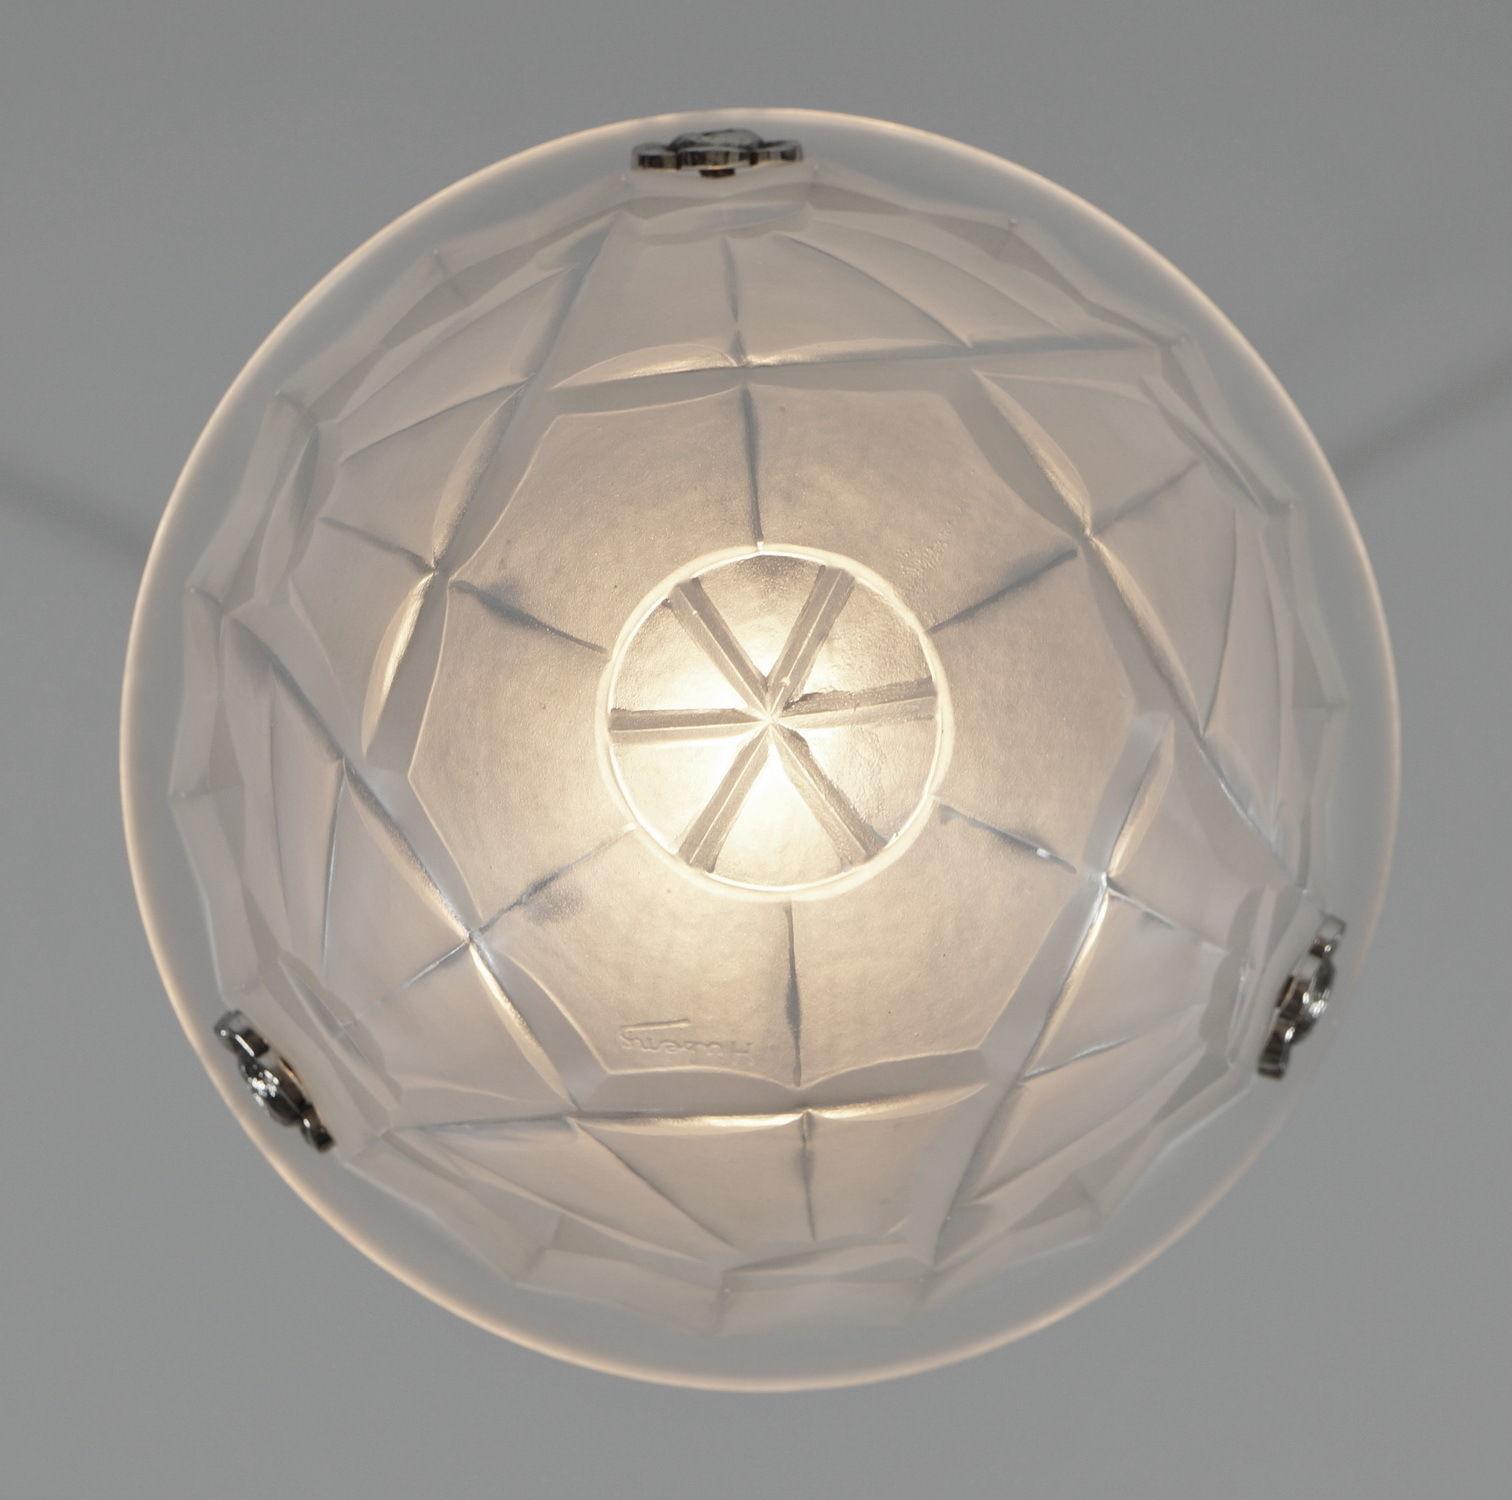 デュゲ(HUBENS & DEGUE)アール・デコ 幾何学文様ペンダントライトを下から見た風景